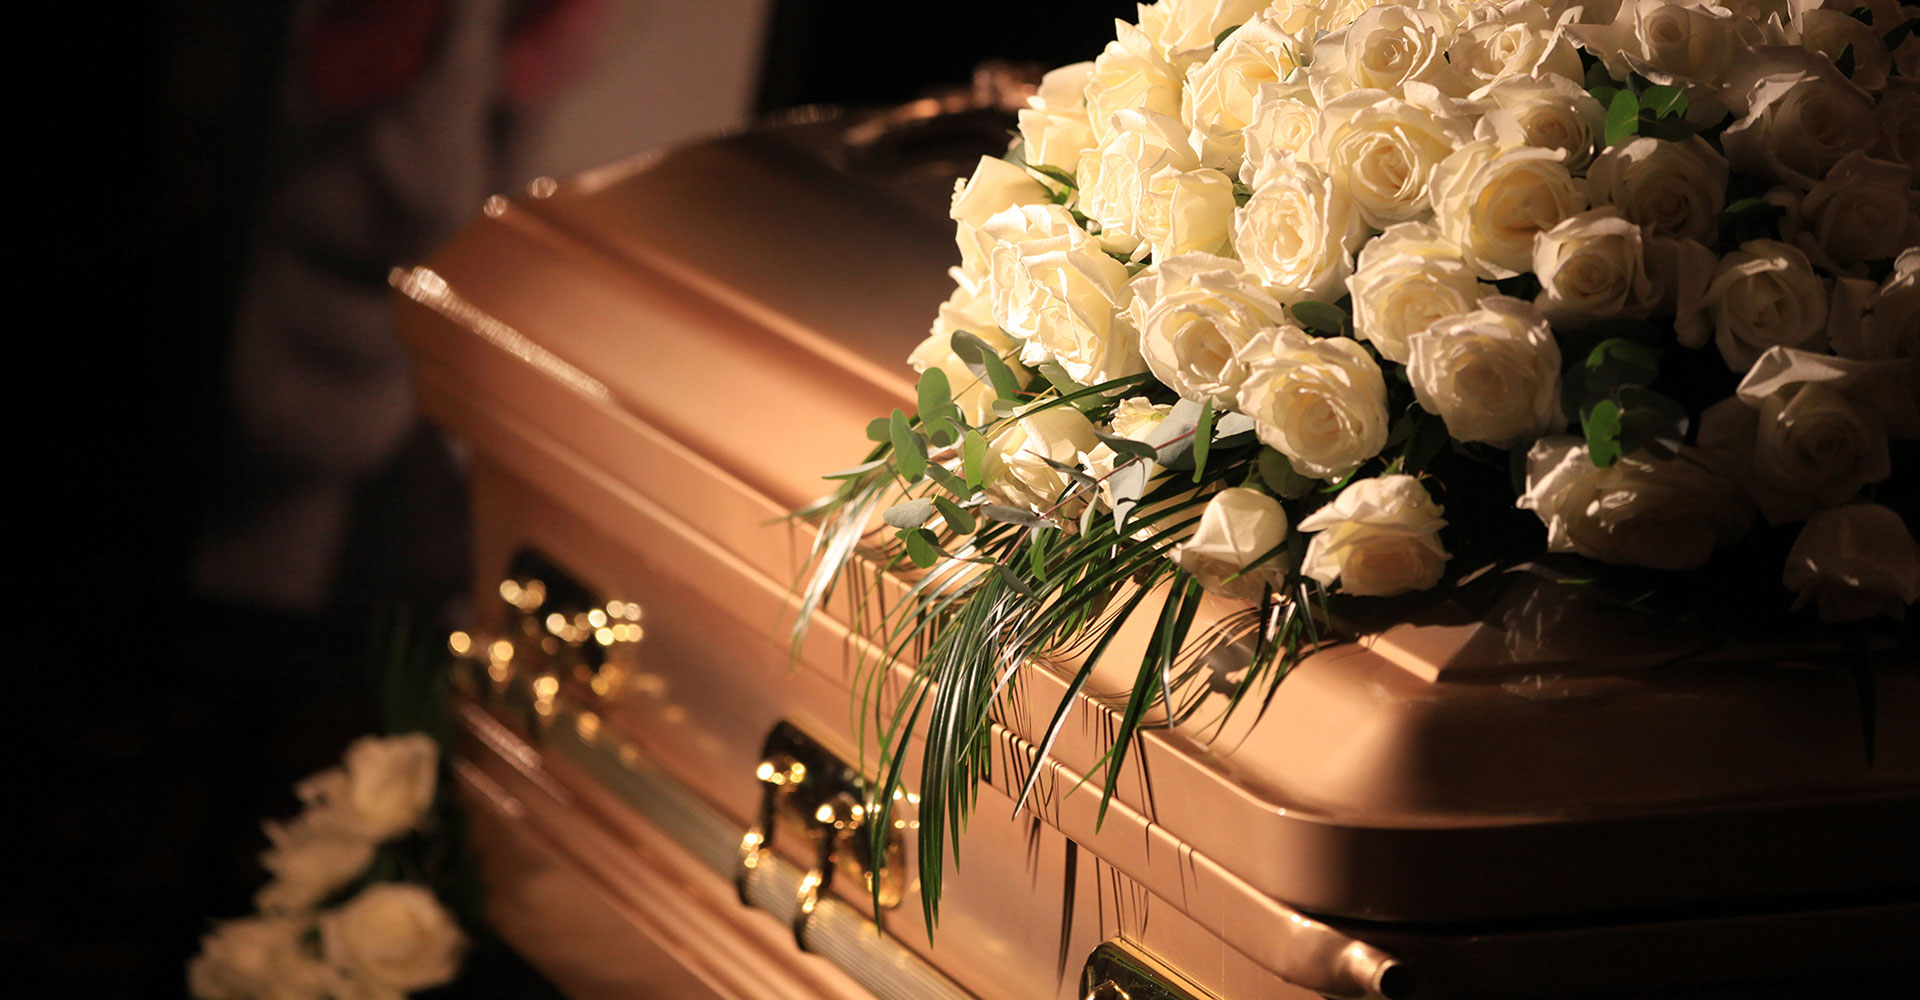 5 motive pentru care e bine sa apelezi la o firma de pompe funebre